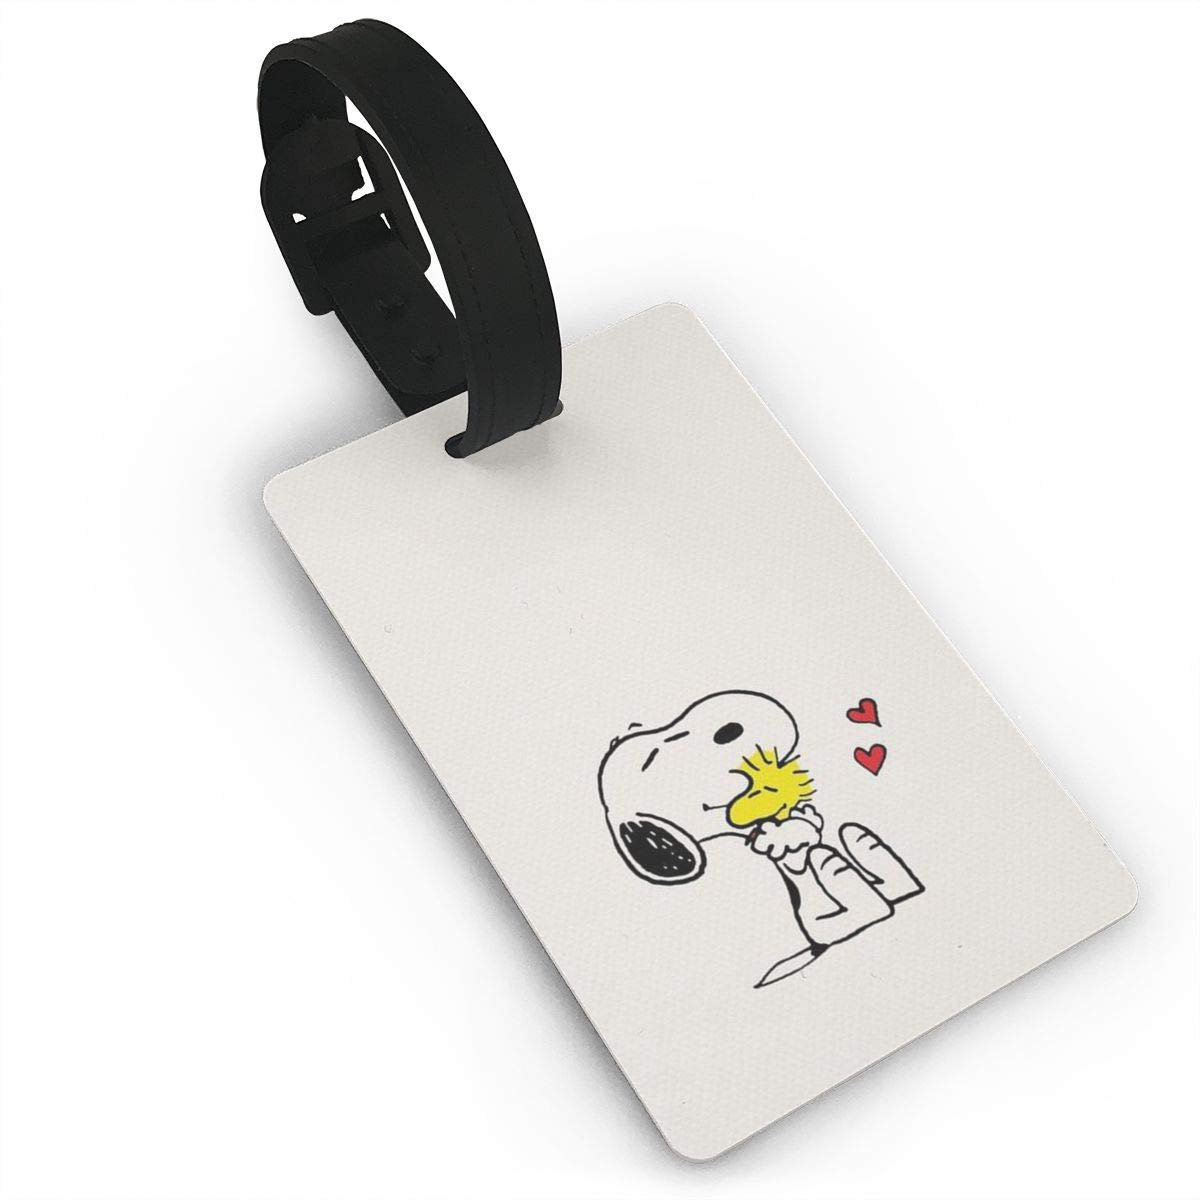 荷物IDタグ - スタイリッシュ キュート スヌーピー プリント PVC スーツケース バッグ ラベル トラベル アクセサリー B07N7HTY37